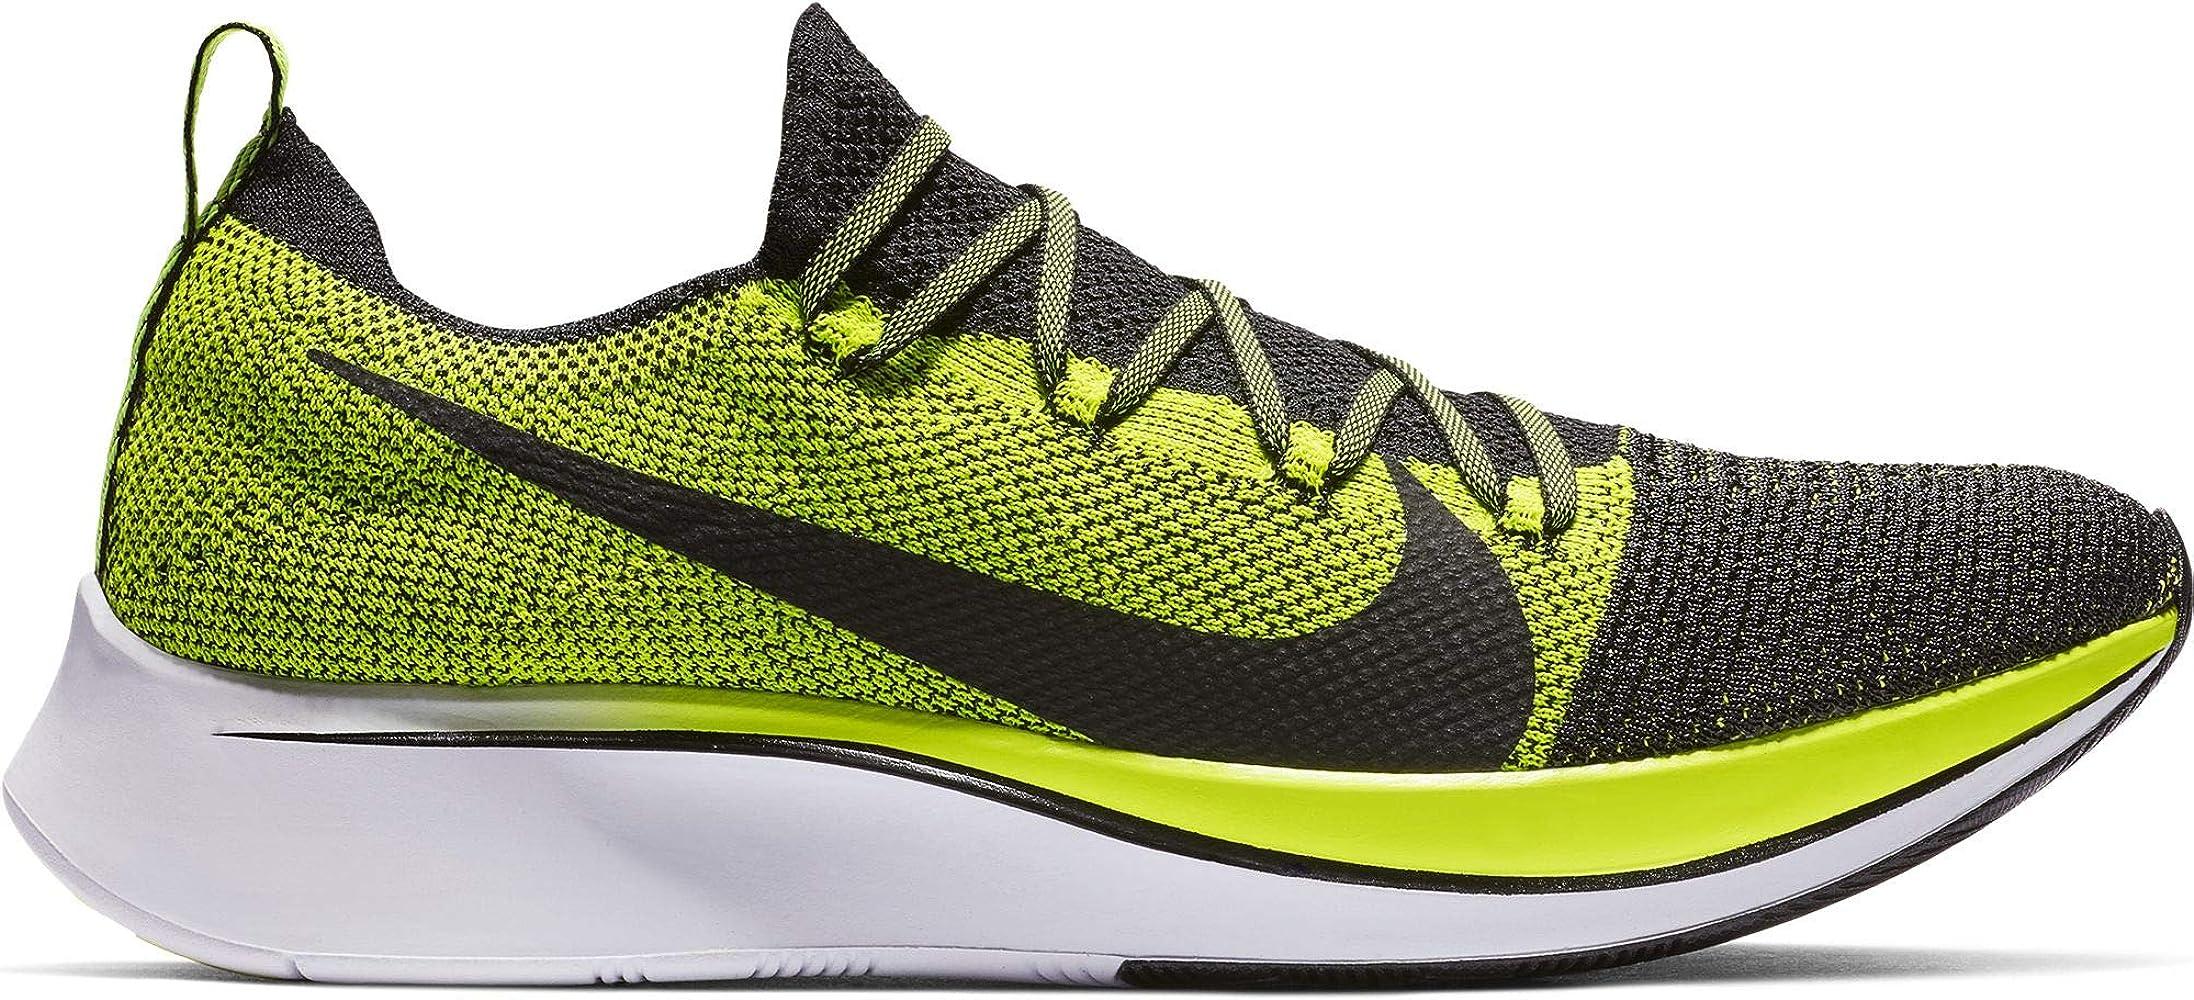 Nike Zoom Fly Flyknit Men's Running Shoe Black/Black-Volt-White Size 12